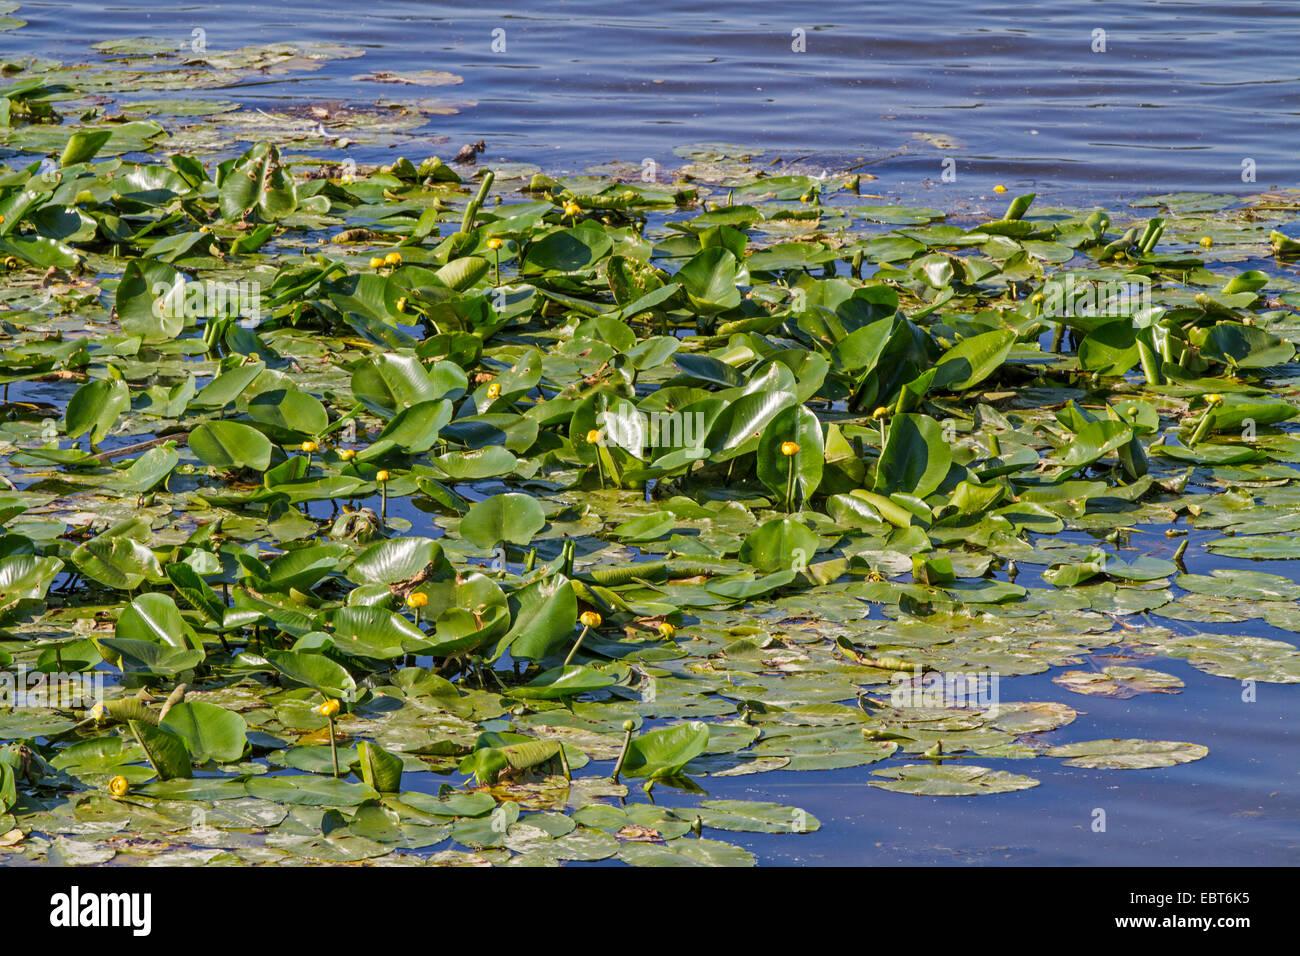 Unión amarillo-estanque de lirios de agua amarilla, lily (Nuphar lutea), floreciendo en un lago, en Alemania, en Baviera, el lago Chiemsee Foto de stock